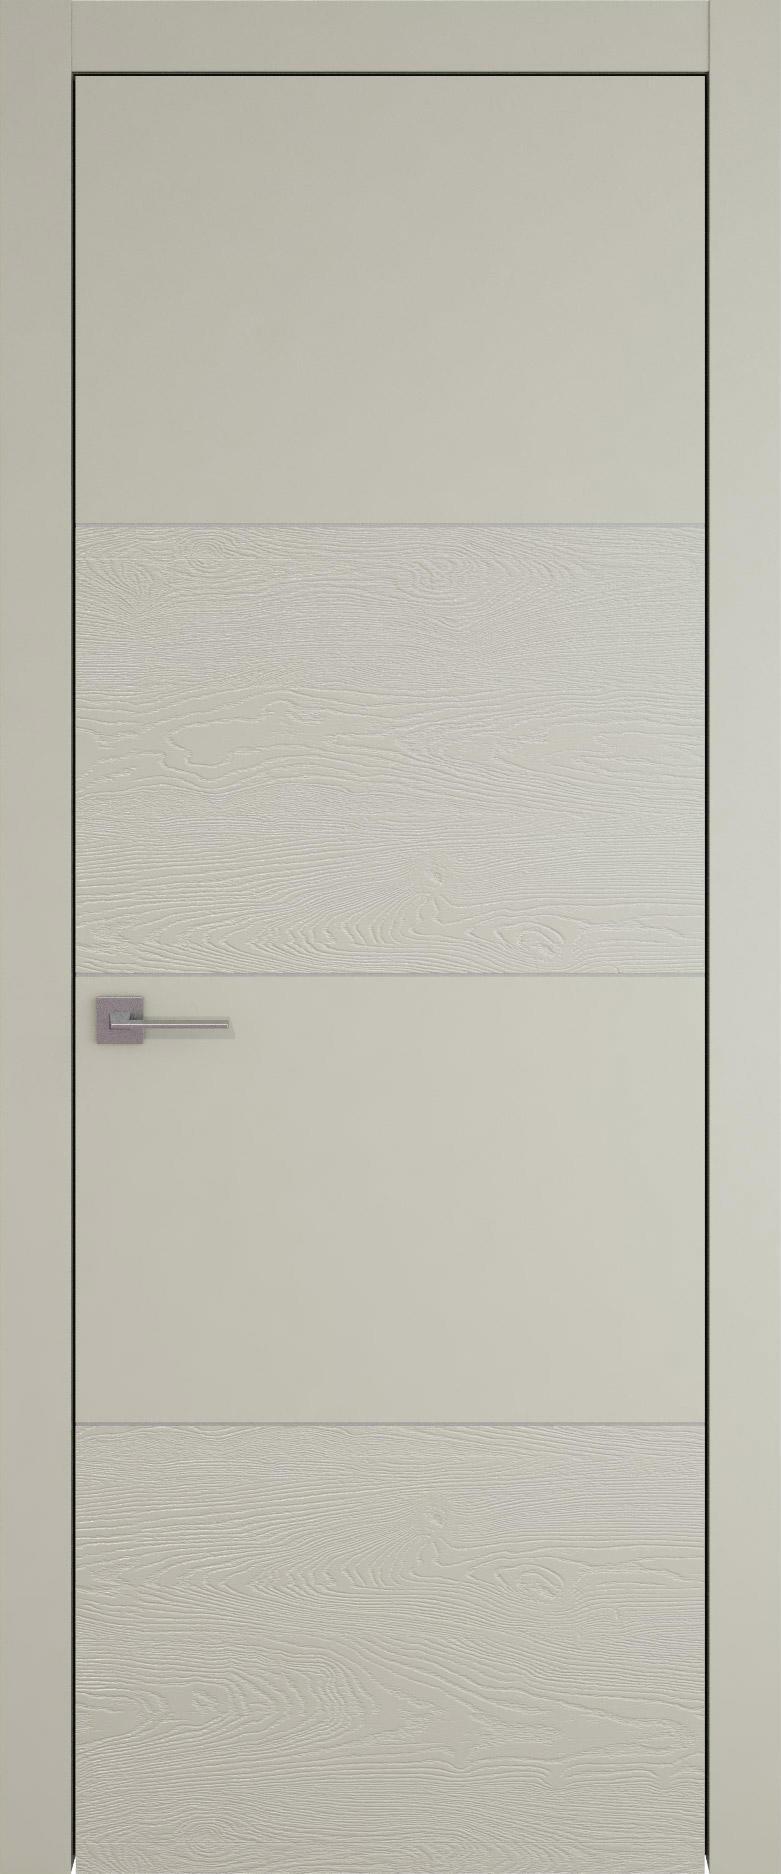 Tivoli Г-2 цвет - Серо-оливковая эмаль-эмаль по шпону (RAL 7032) Без стекла (ДГ)